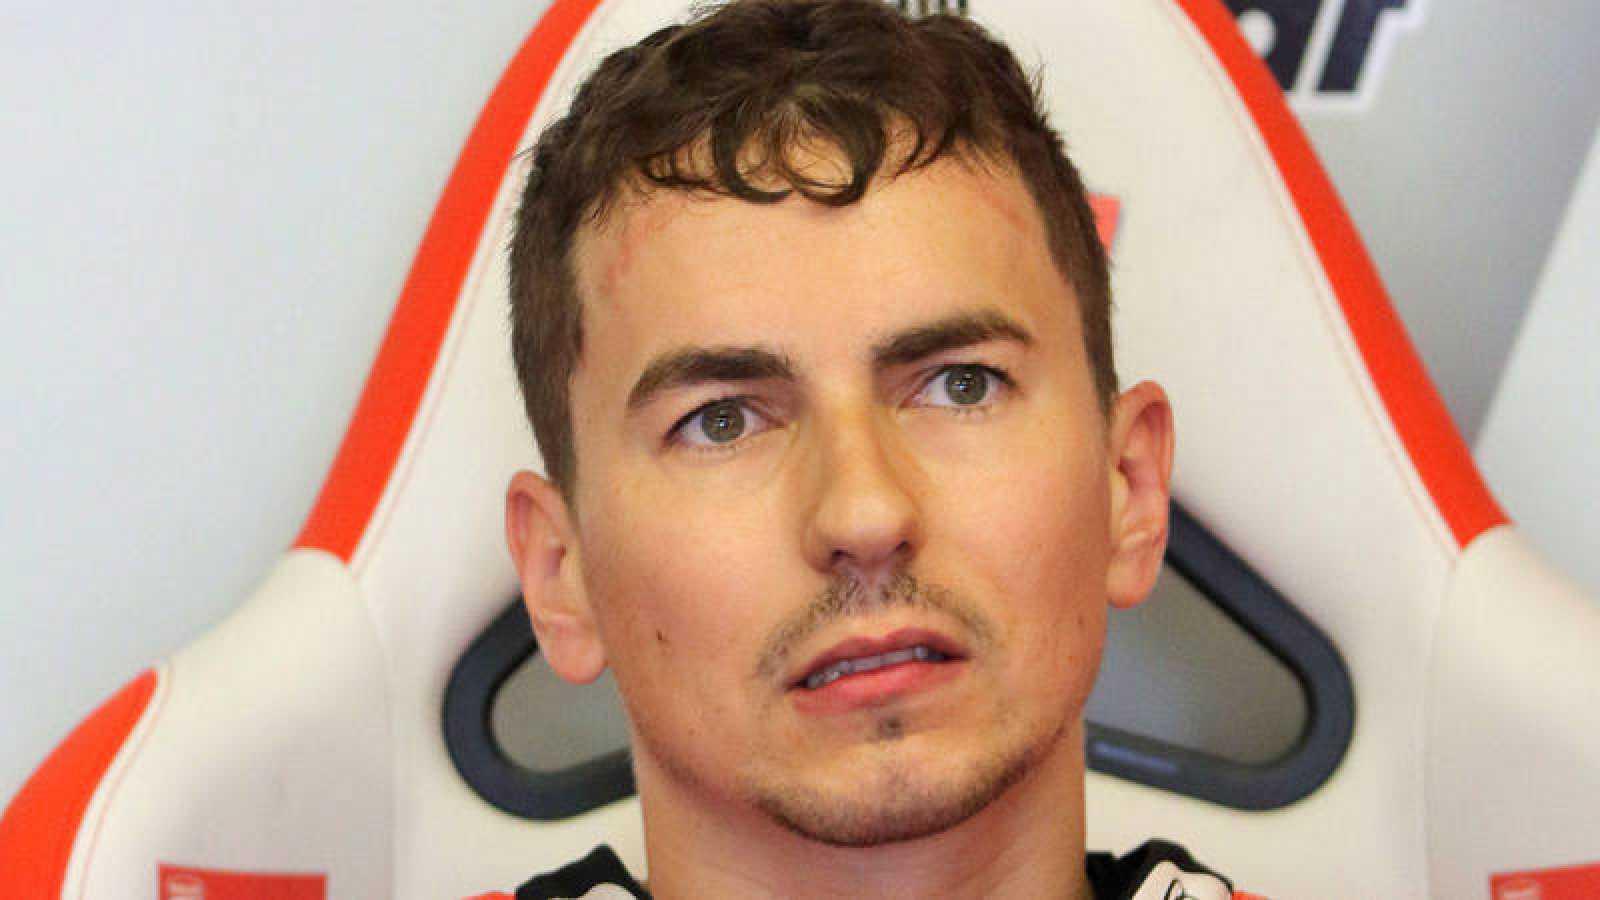 El piloto español de Ducati, Jorge Lorenzo